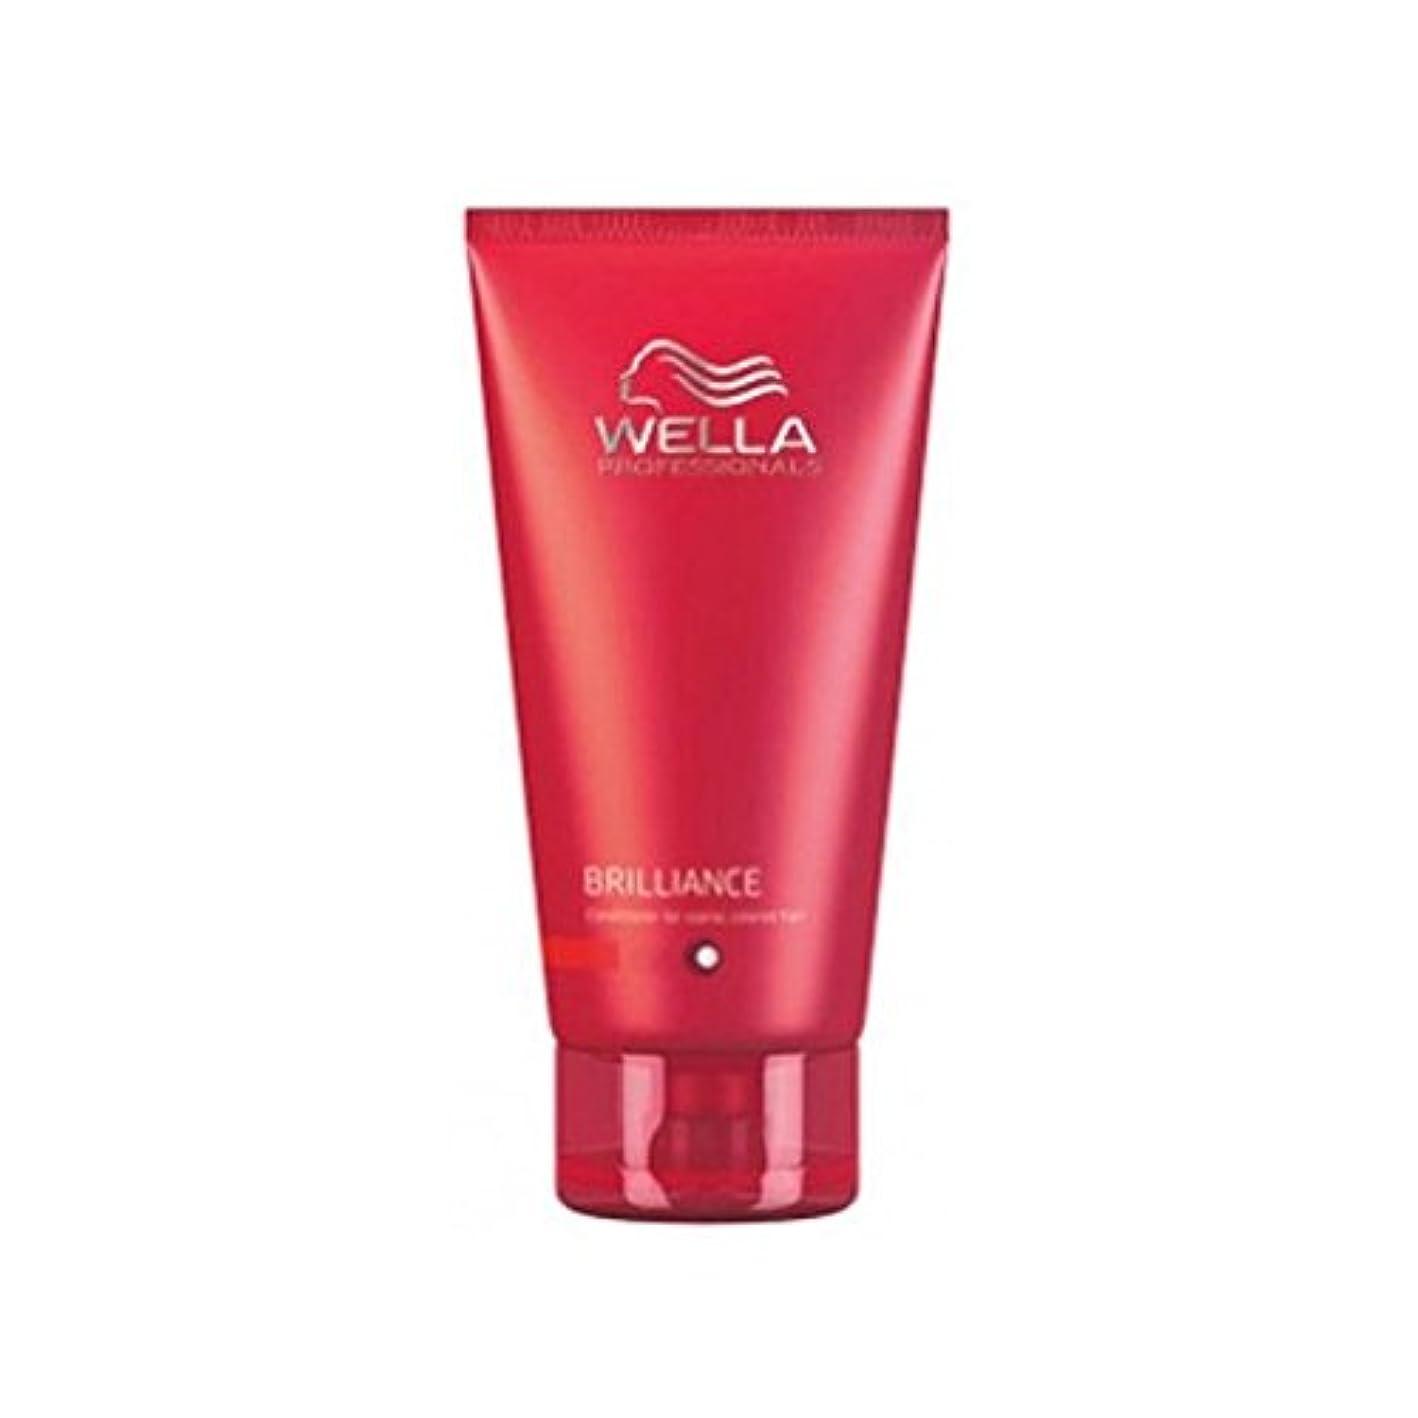 インターネットギャップ帝国主義Wella Professionals Brilliance Conditioner For Fine To Normal, Coloured Hair (200ml) (Pack of 6) - ウェラの専門家が通常に...